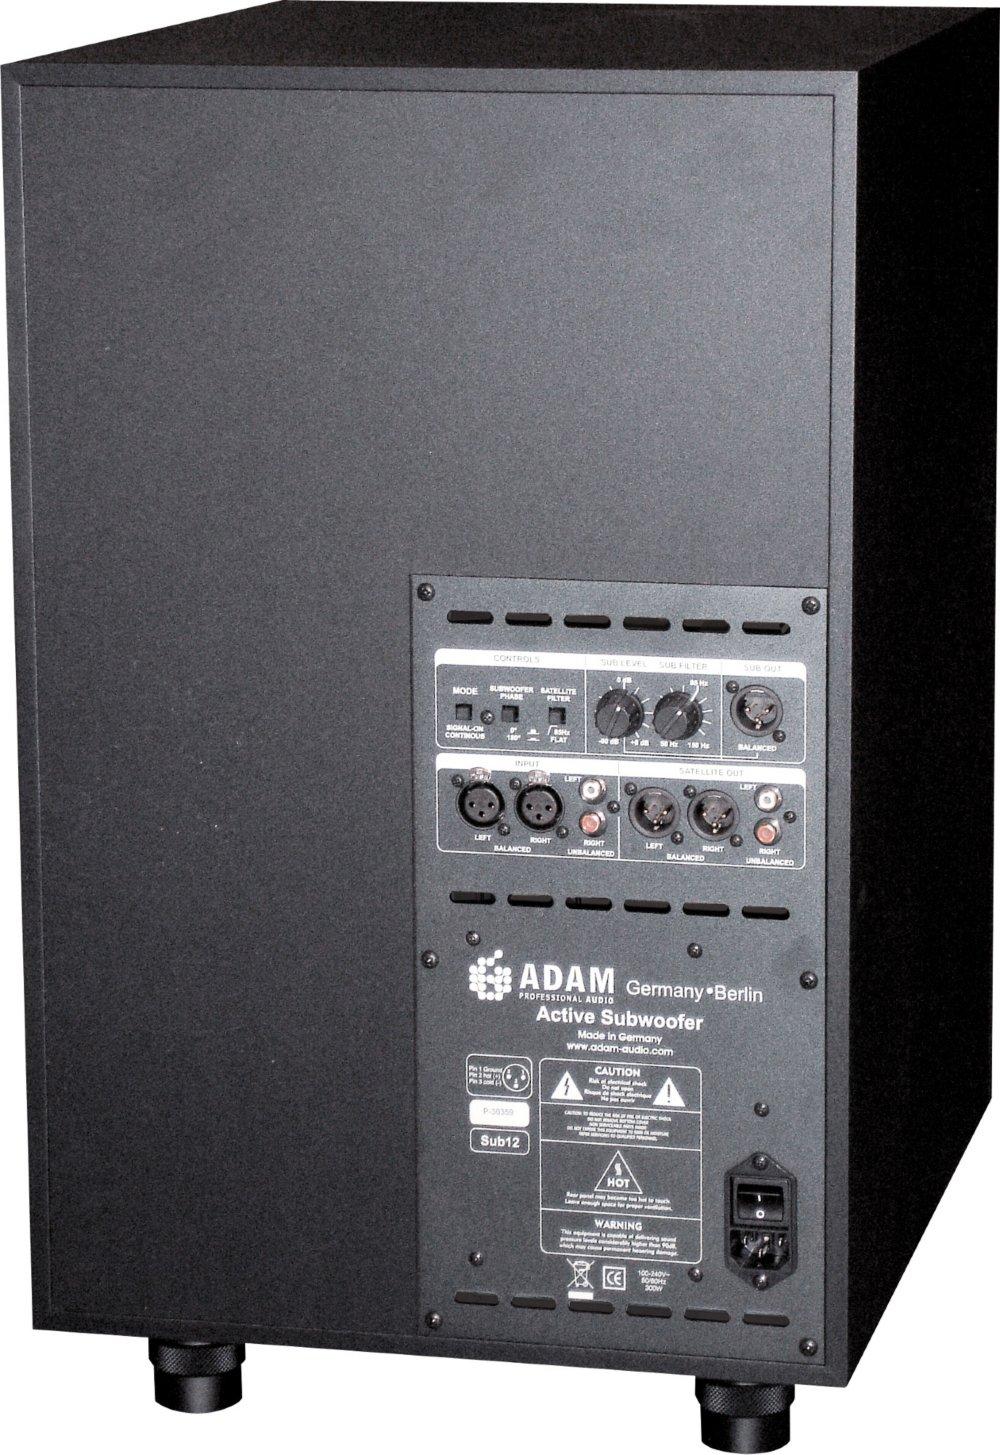 Adam Audio Sub12 Powered Studio Subwoofer Black